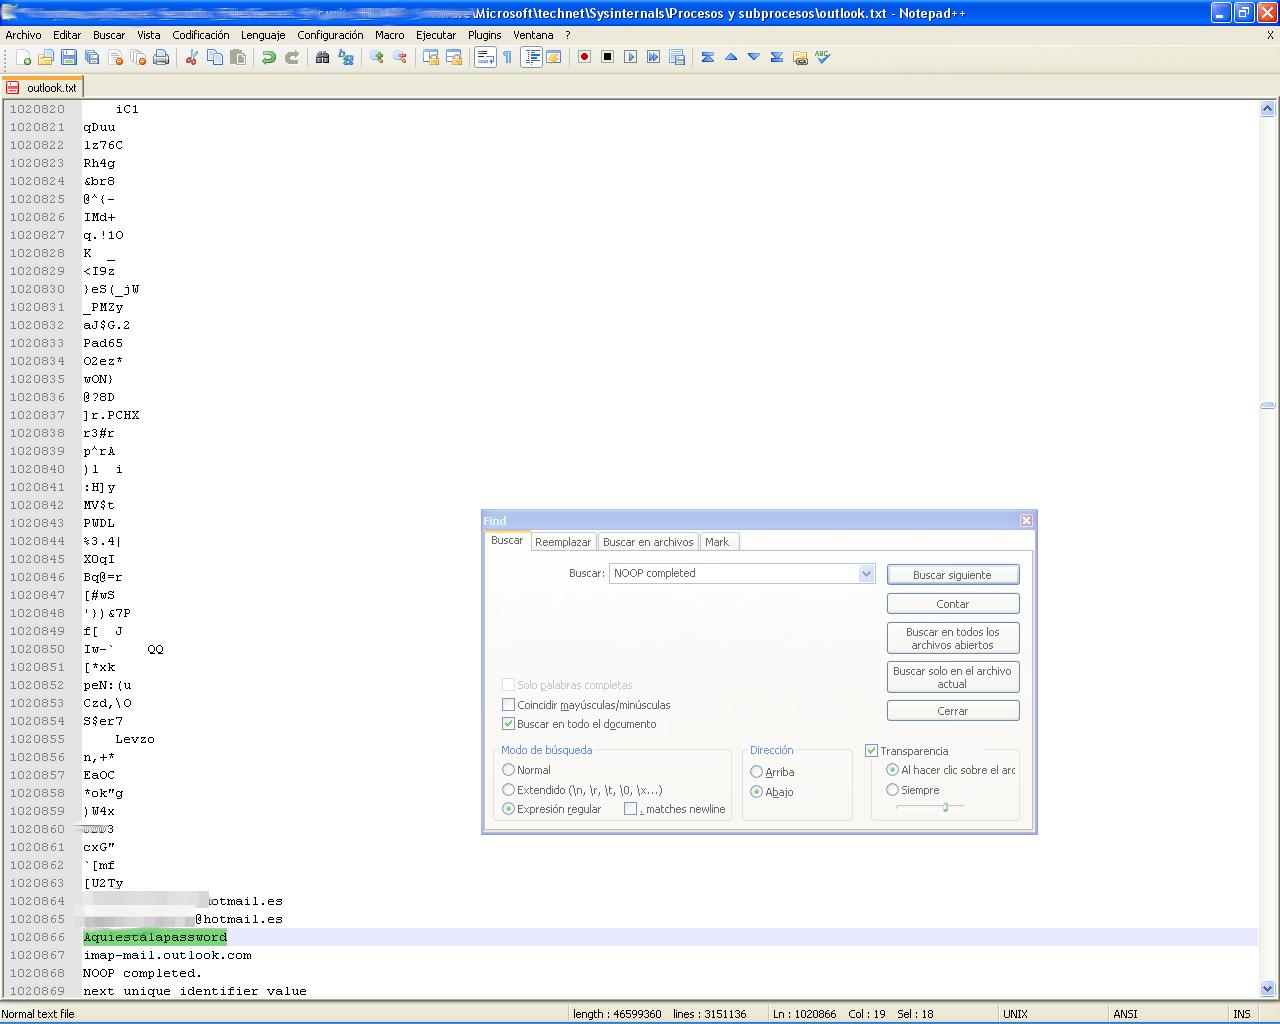 Obtención de passwords de Outlook analizando el dump del ...